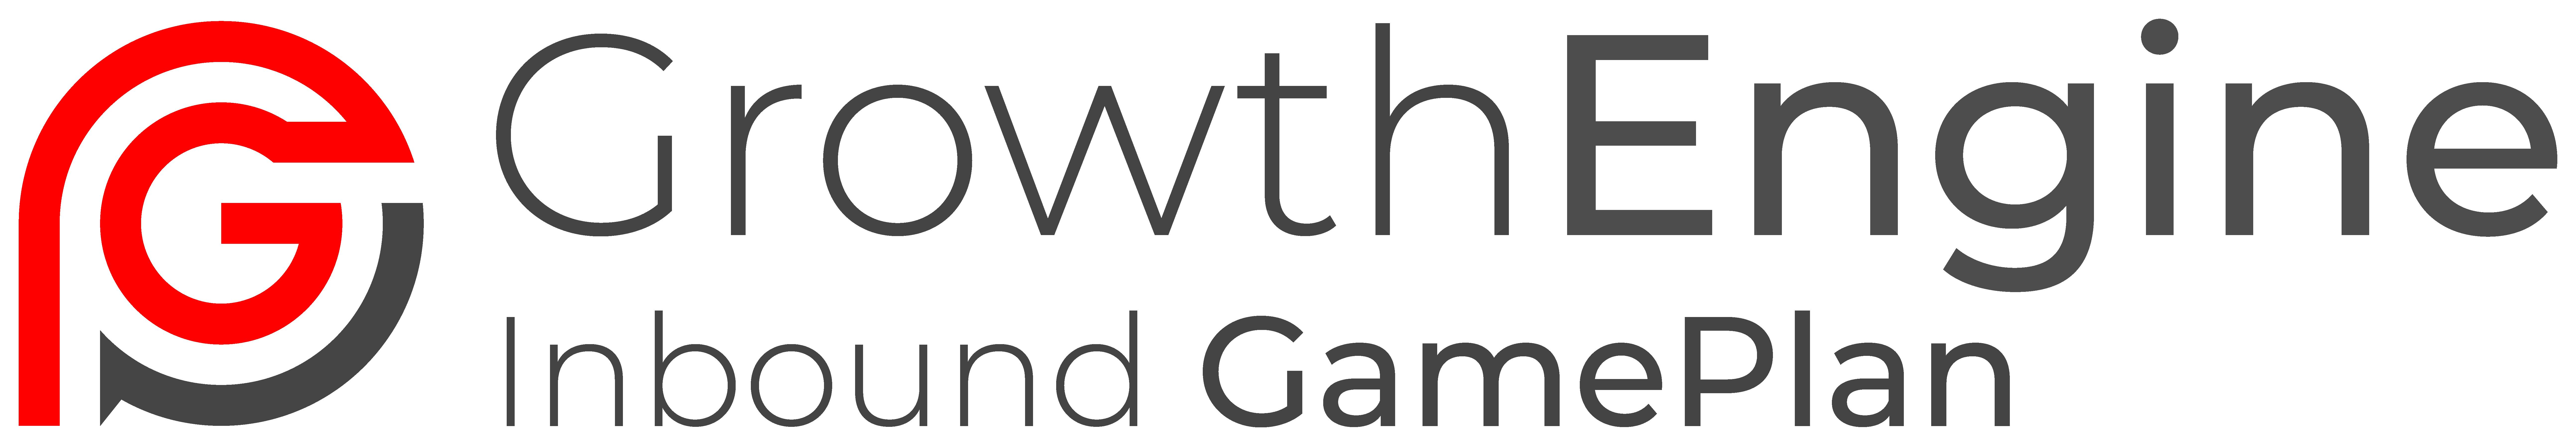 GrowthEngine Inbound GamePlan-1